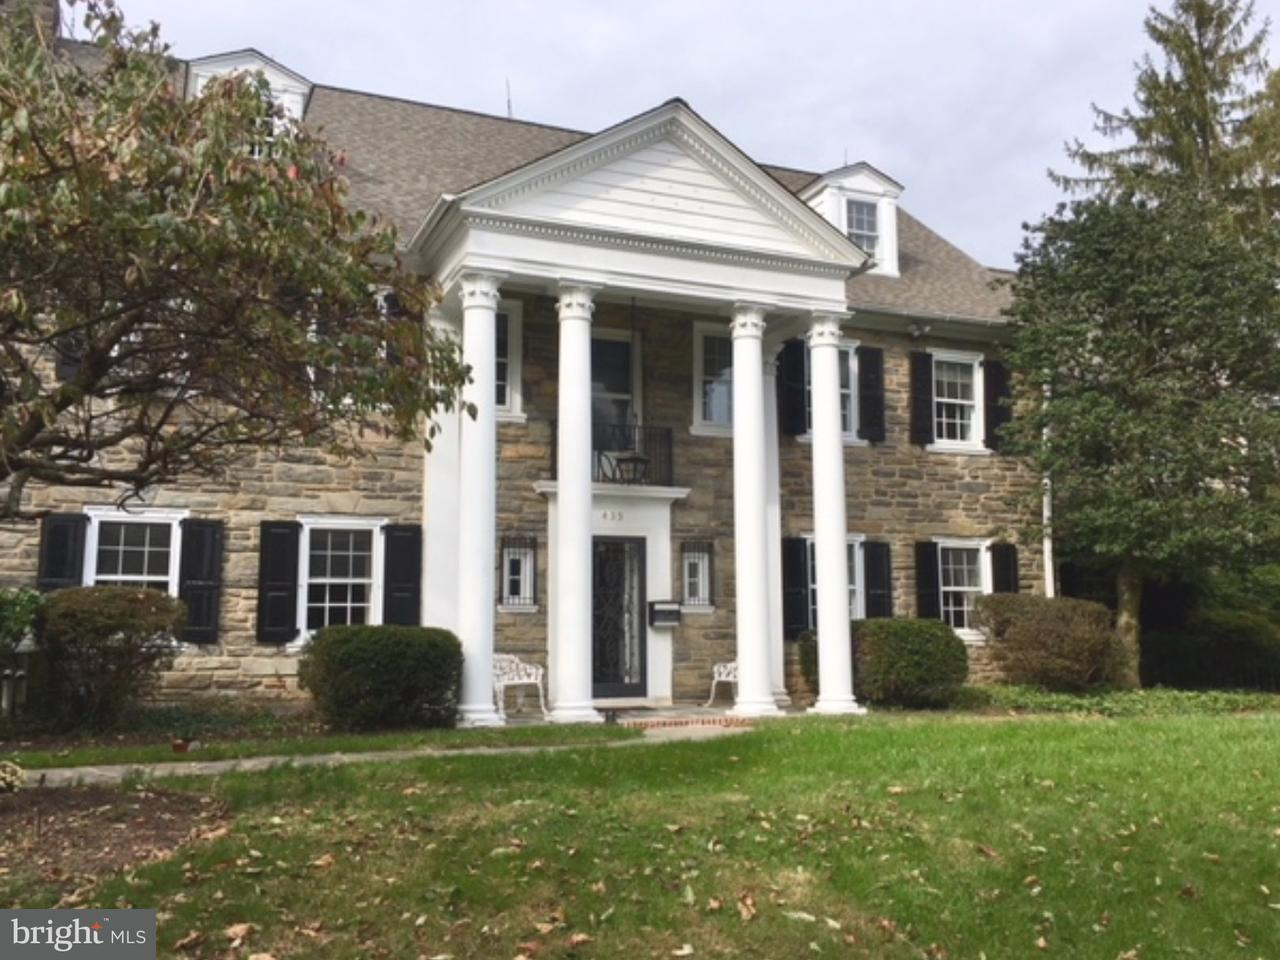 Maison unifamiliale pour l Vente à 433 WARICK Road Wynnewood, Pennsylvanie 19096 États-Unis